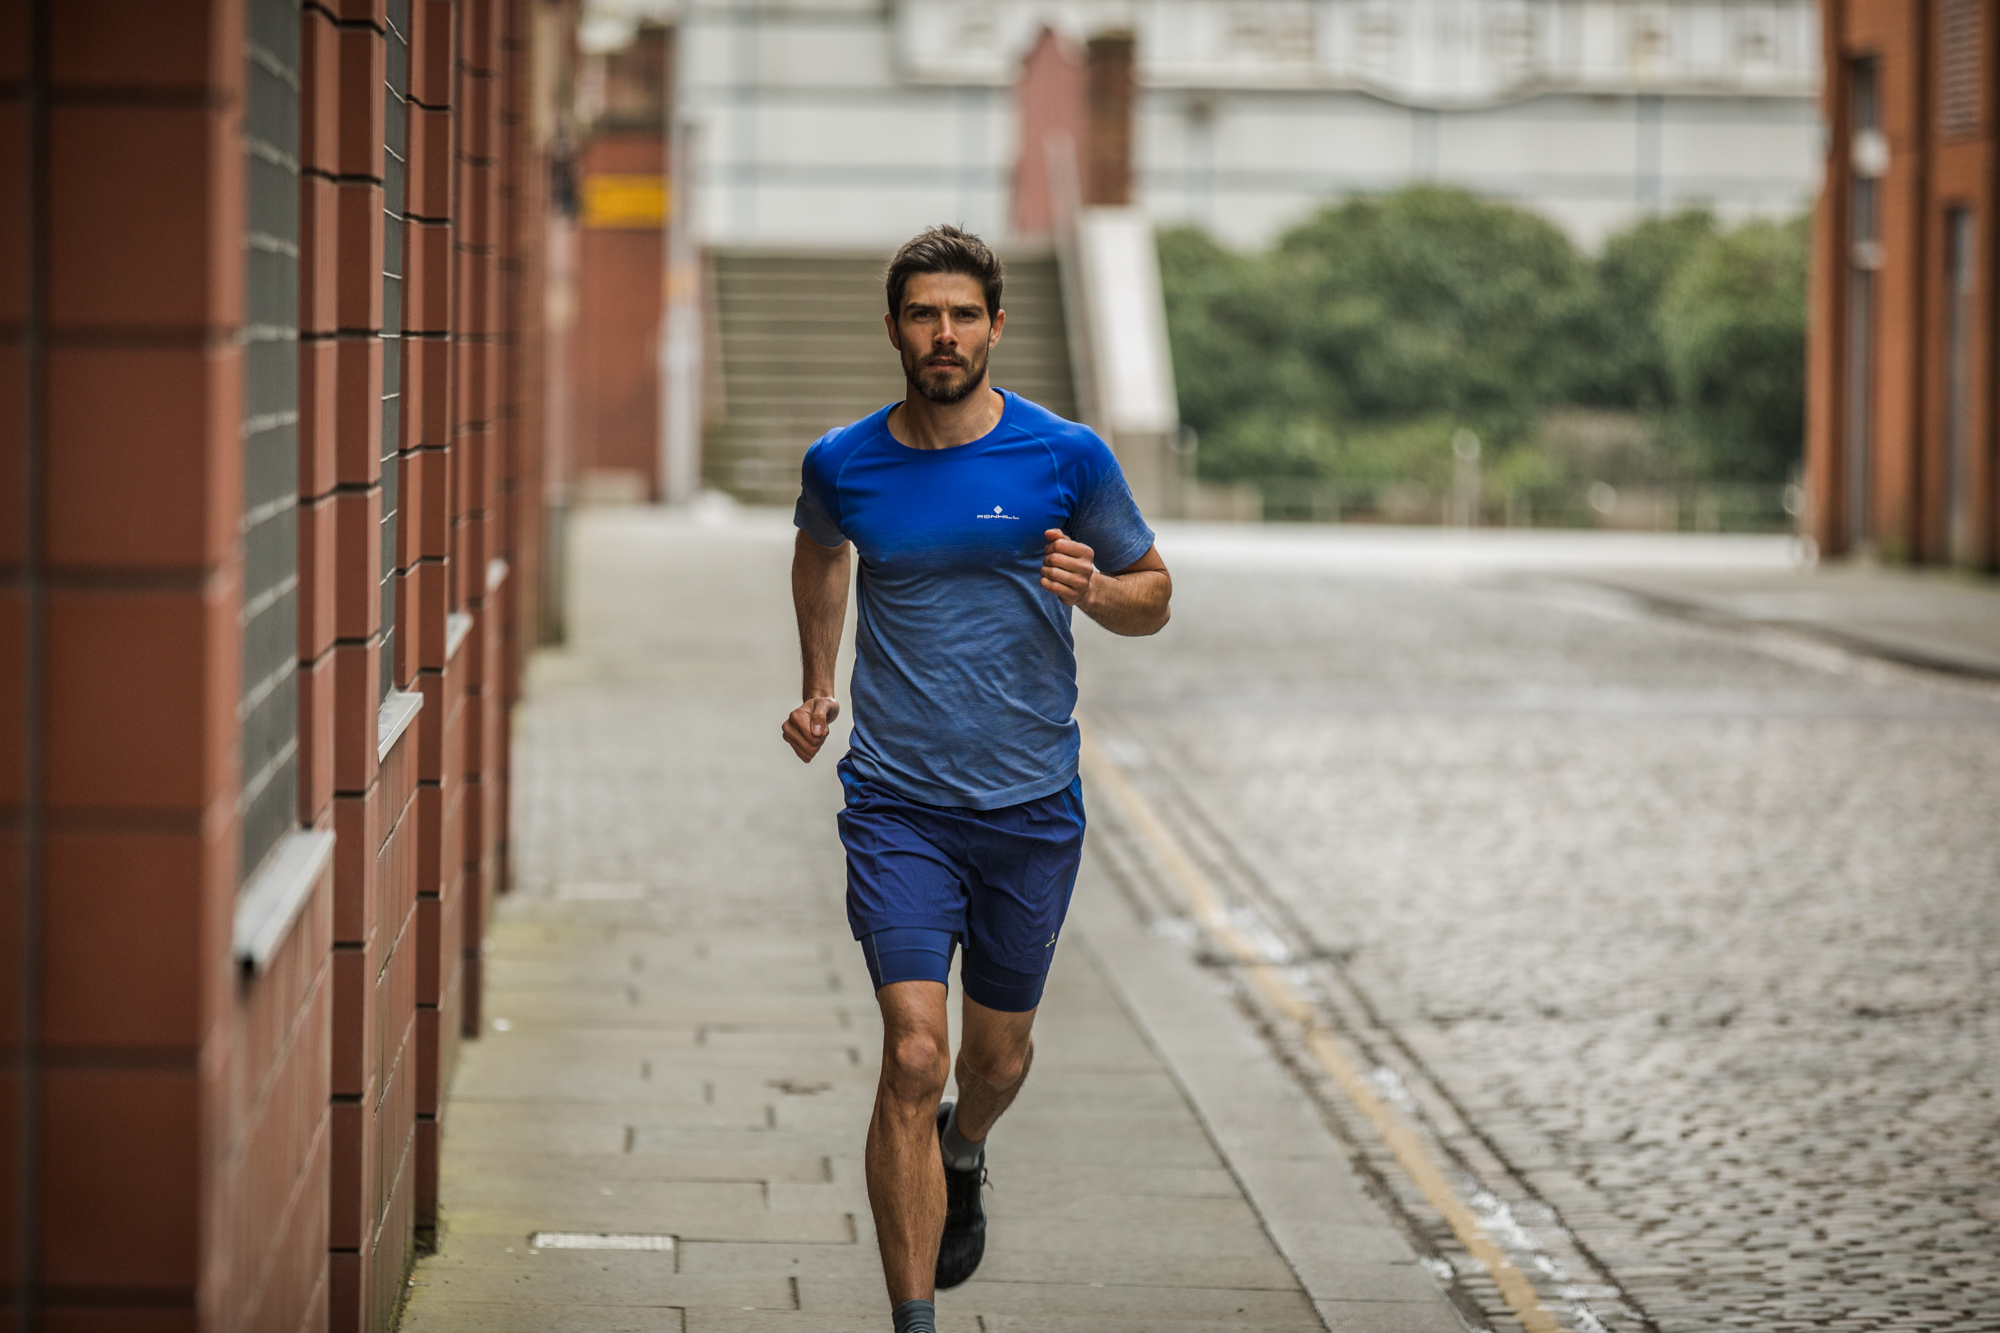 Týdenní tréninkový plán na 10km/pokročilí